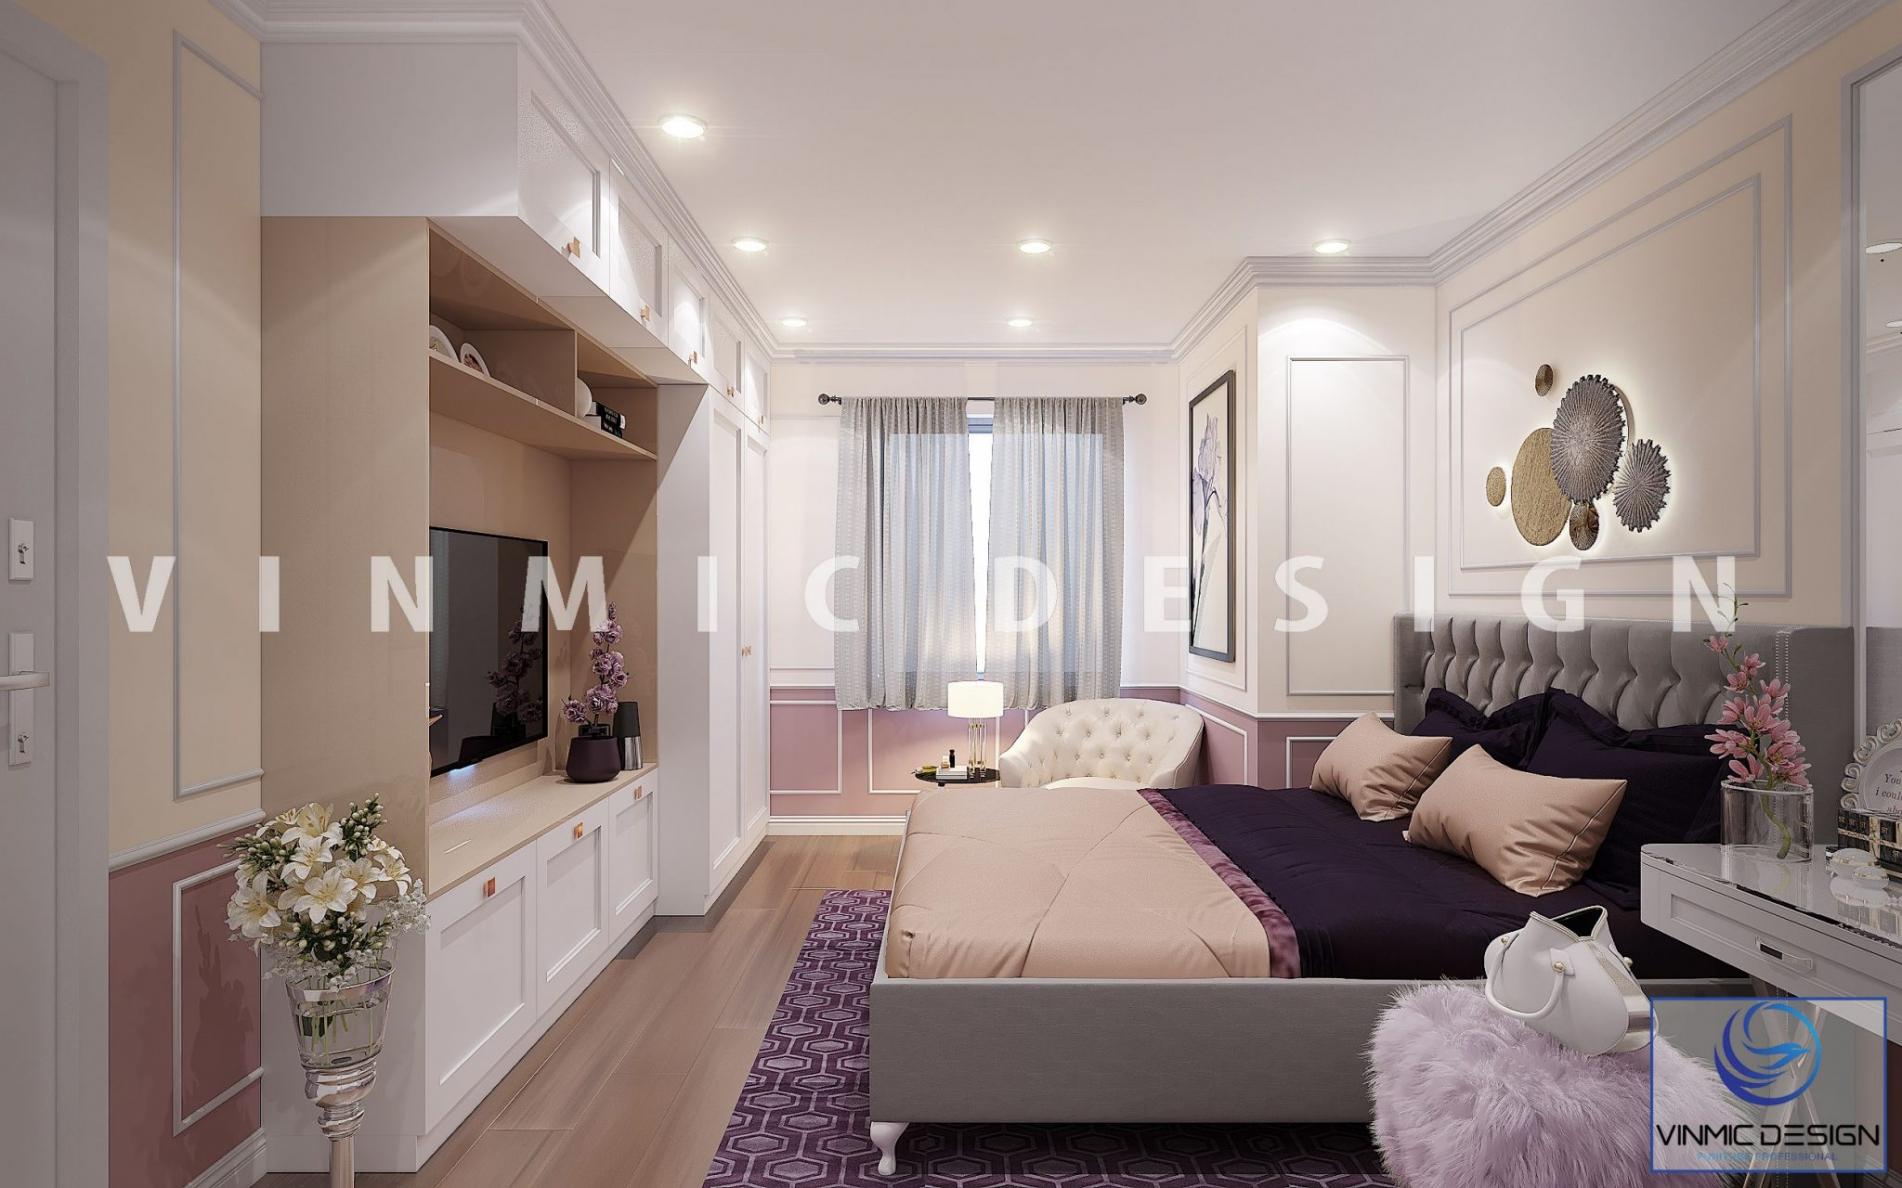 Thiết kế kệ tivi cho phòng ngủ cho cô nàng sang chảnh